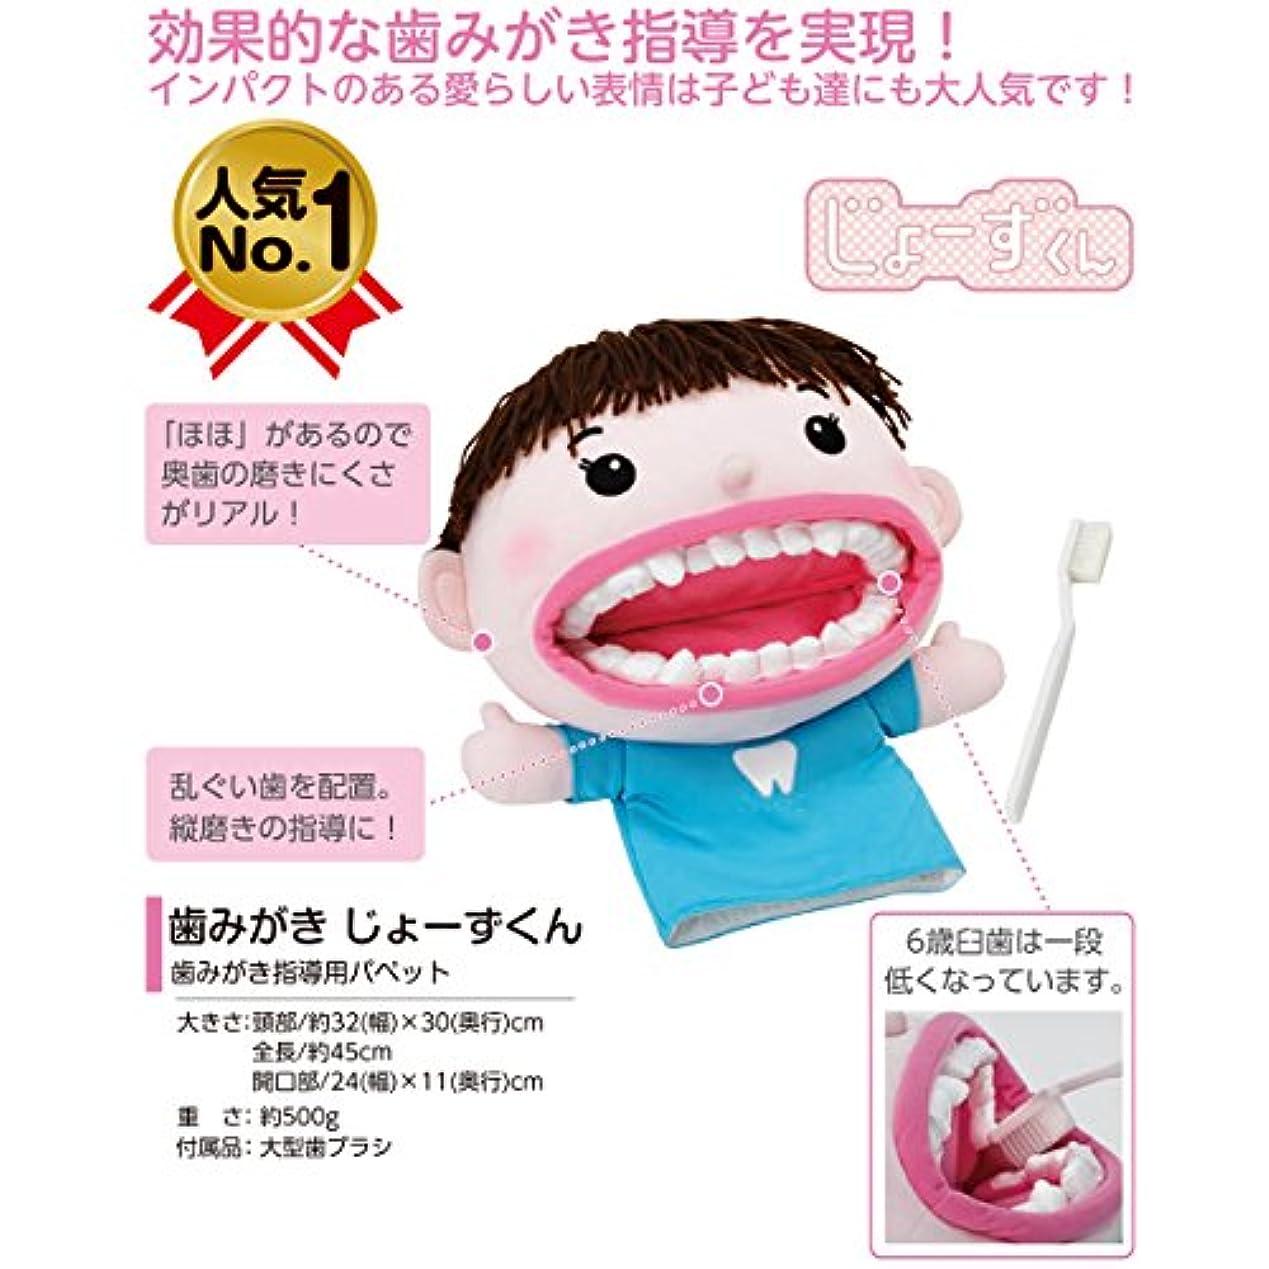 モディッシュ着飾るベスビオ山歯みがき じょーずくん 歯磨き 指導用 教育用 パペット 人形 ぬいぐるみ